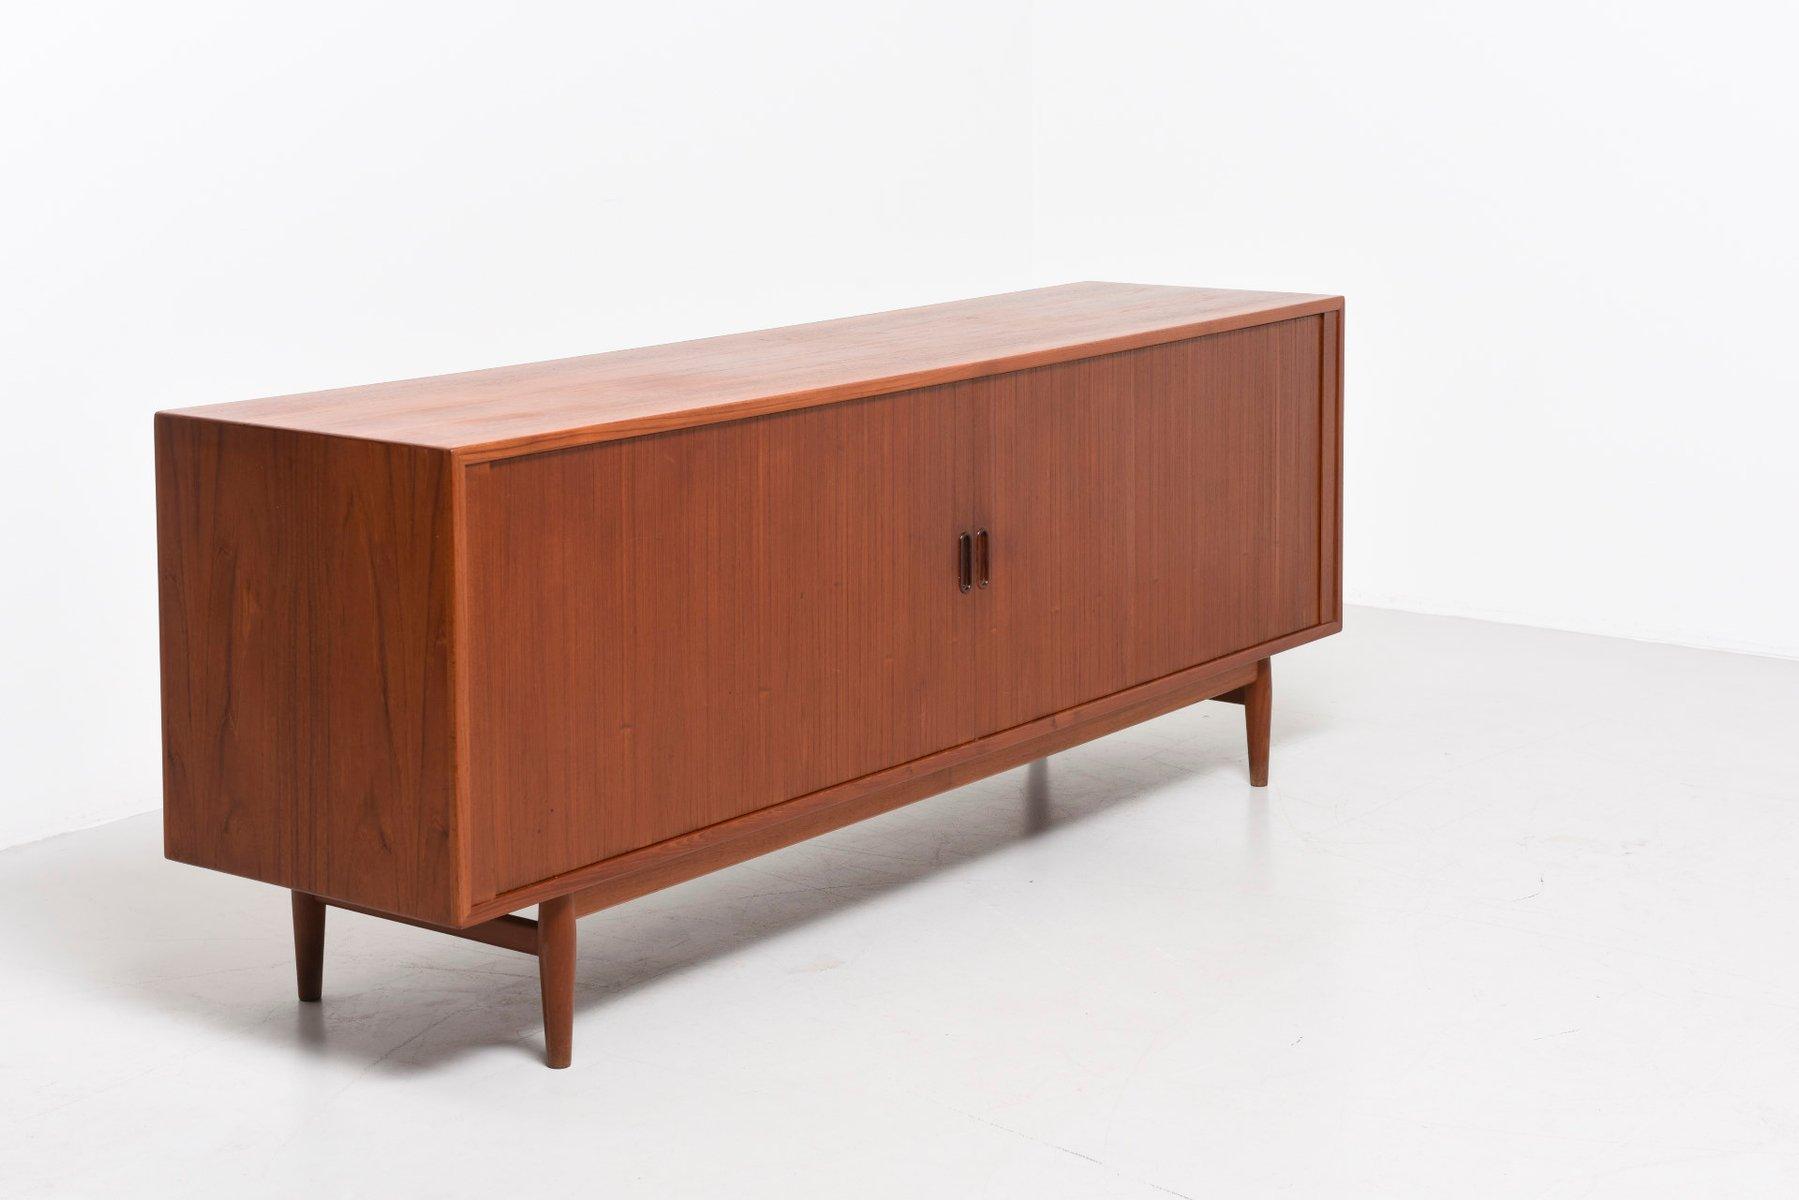 vintage sideboard by arne vodder for sibast for sale at pamono. Black Bedroom Furniture Sets. Home Design Ideas